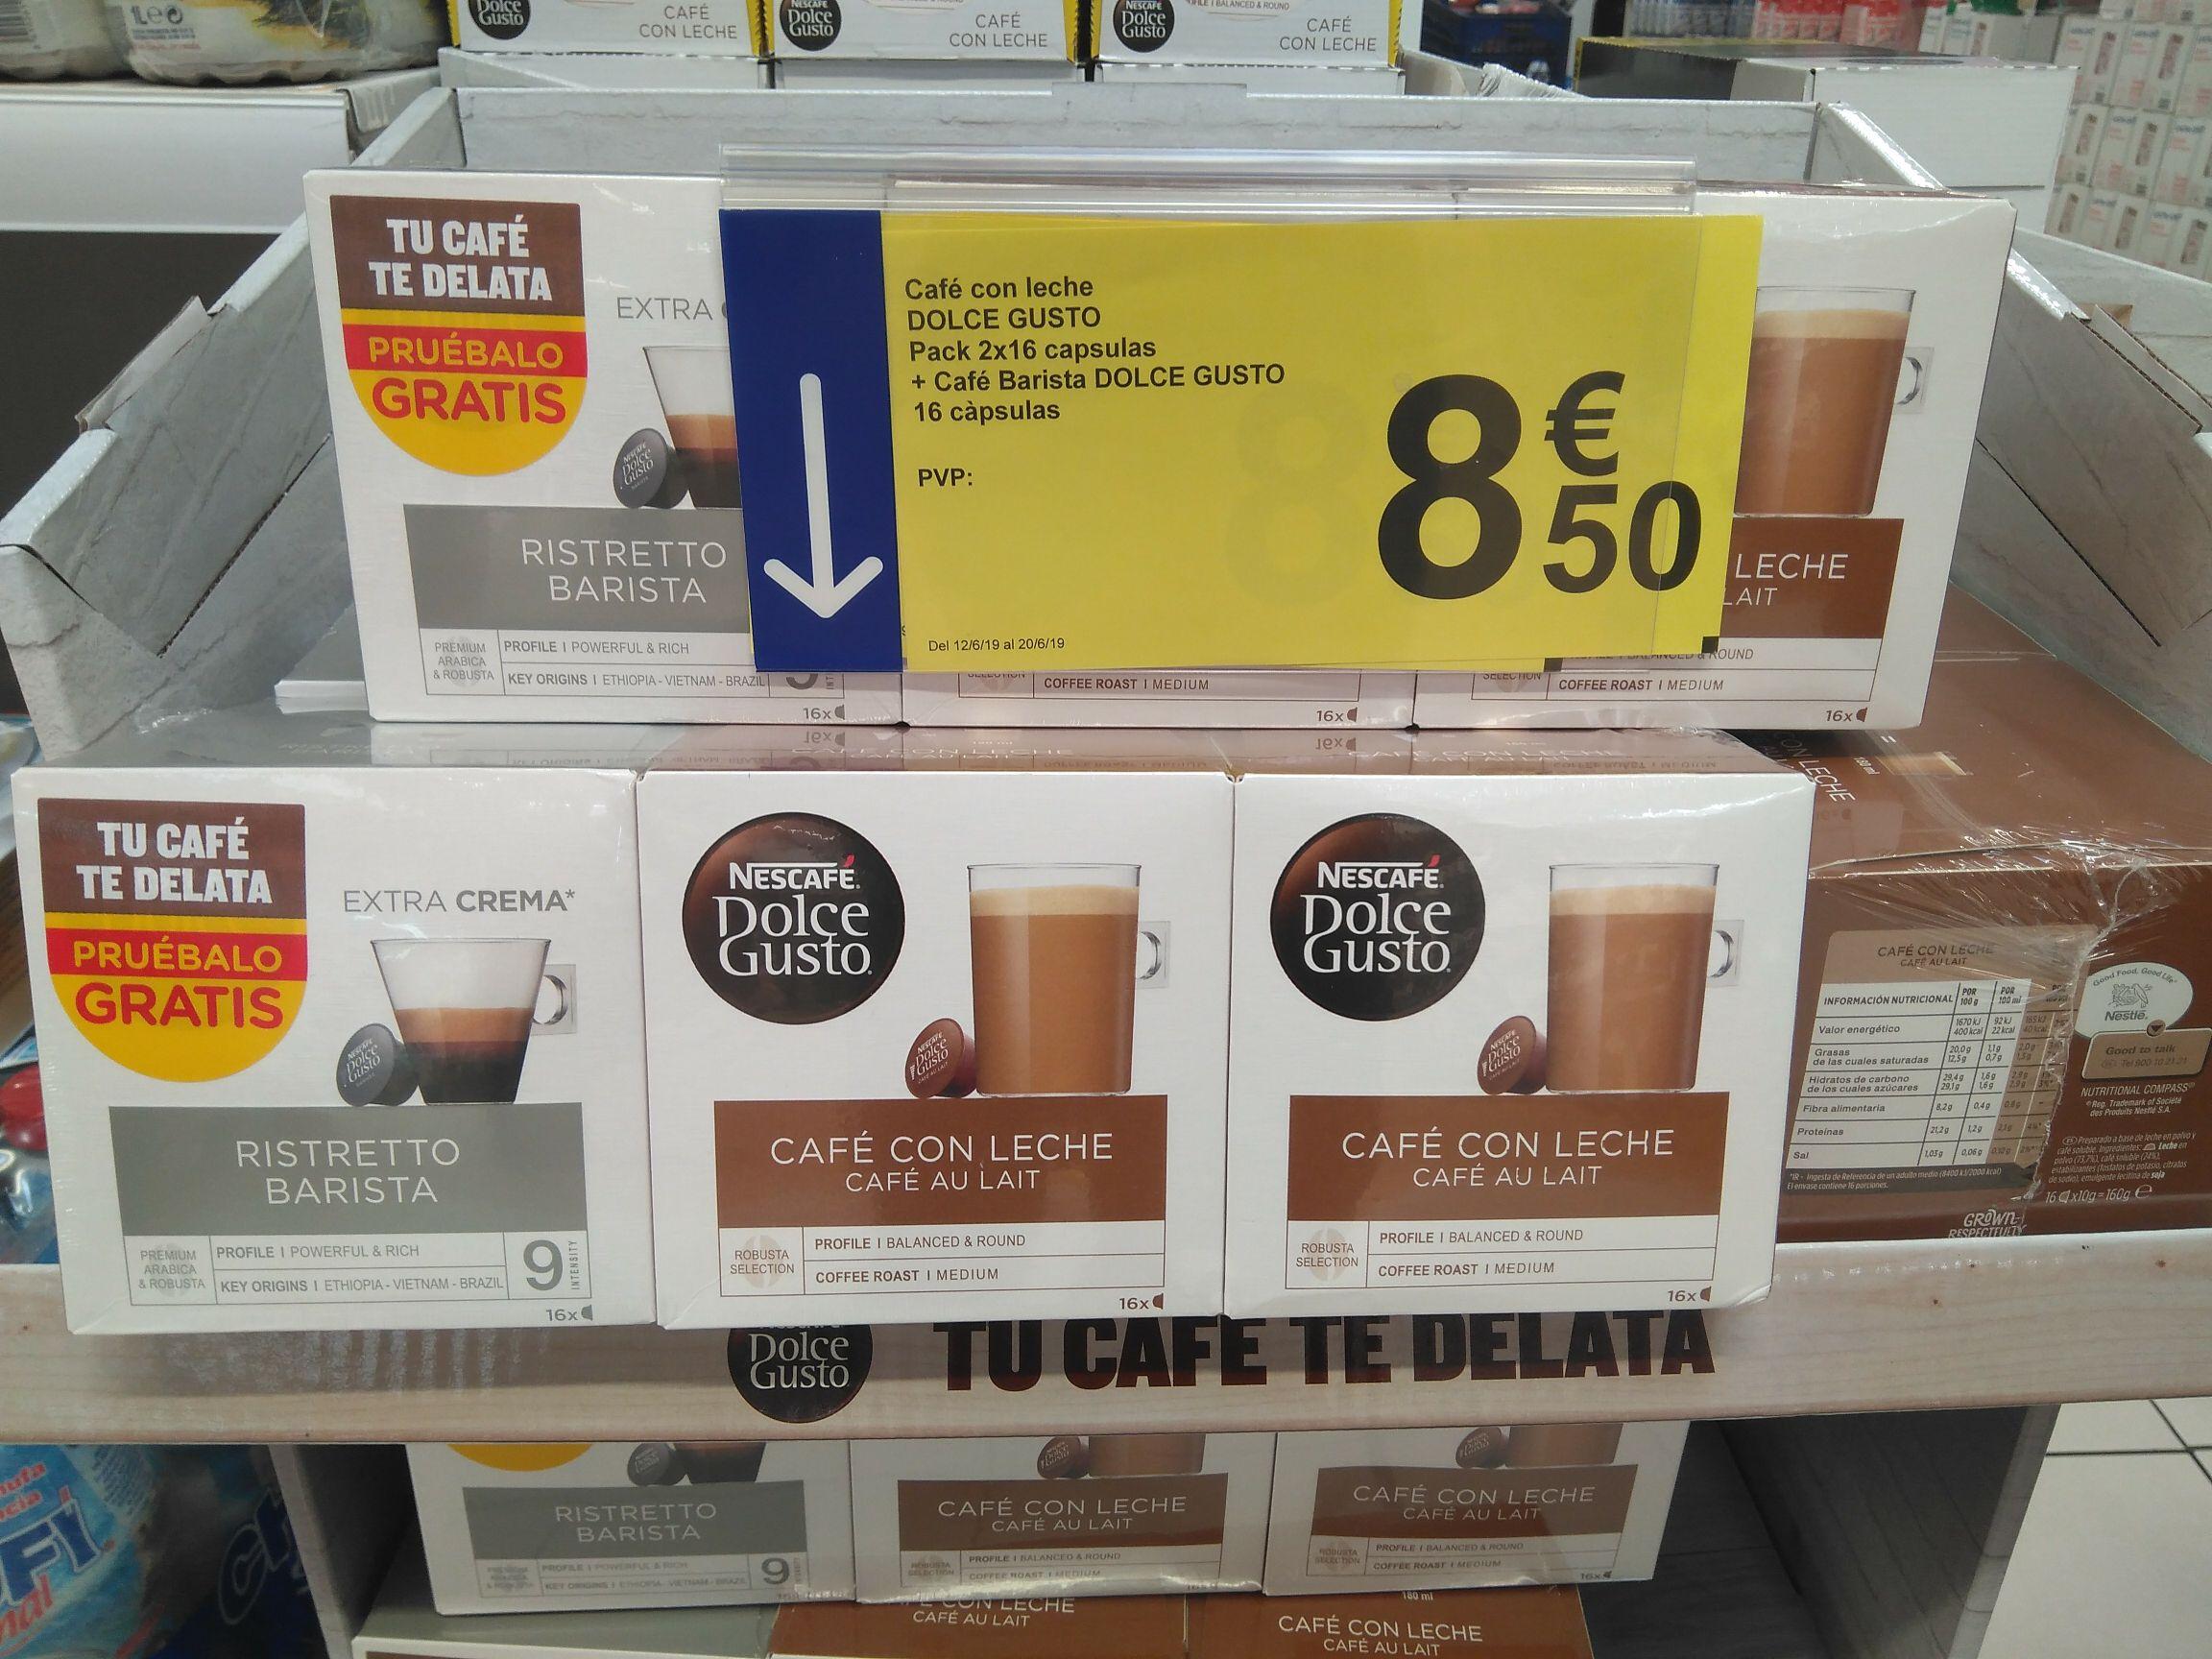 Oferta Carrefour, 48 cápsulas de café Dolce Gusto por 0,177€/ud